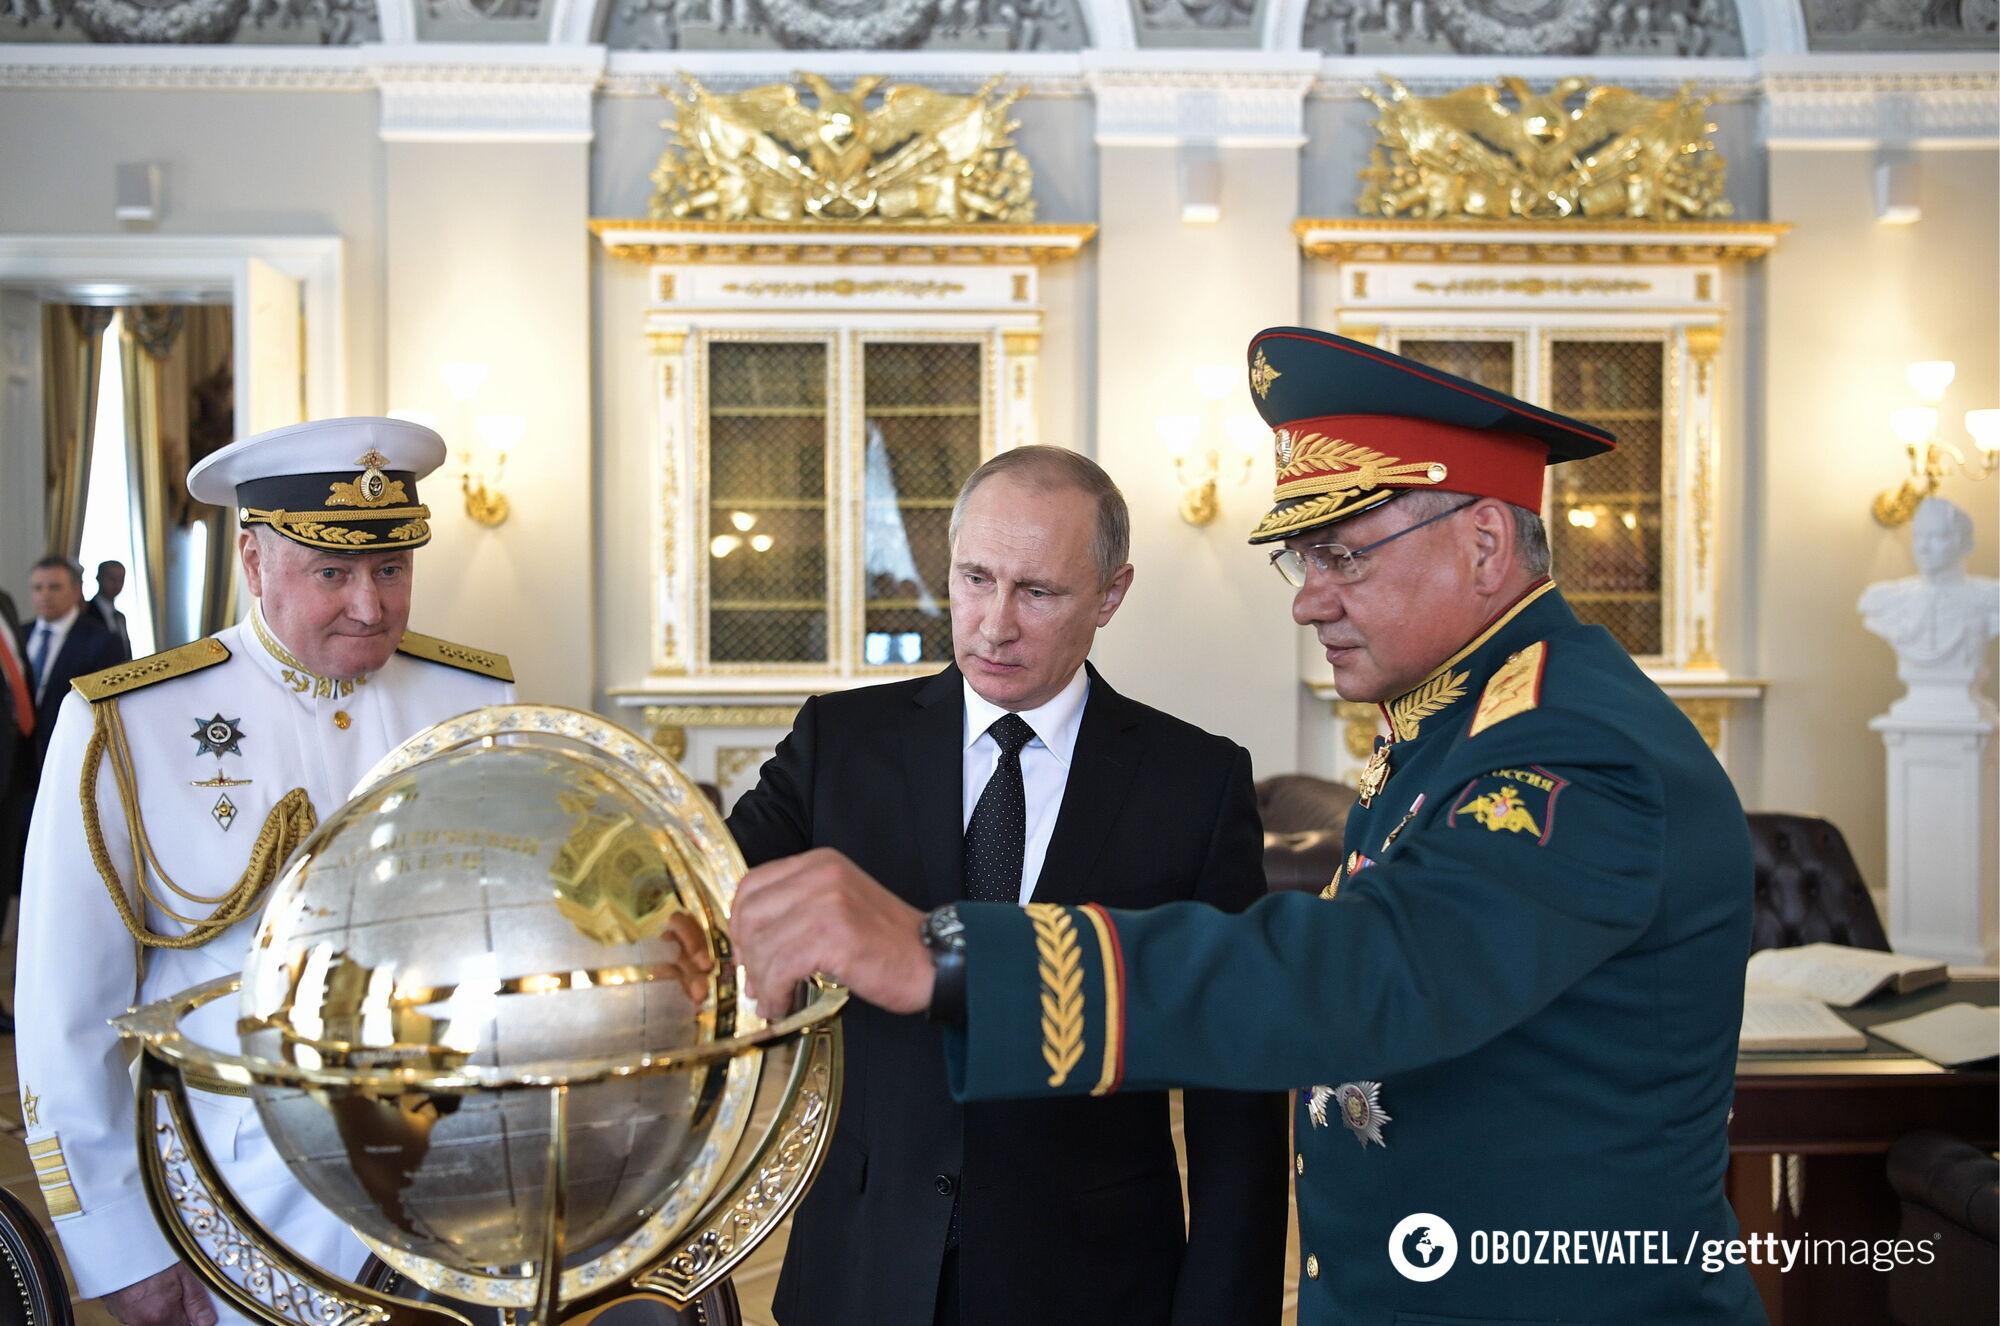 Кремль вважає Україну своєю територією, тимчасово окупованою американцями.